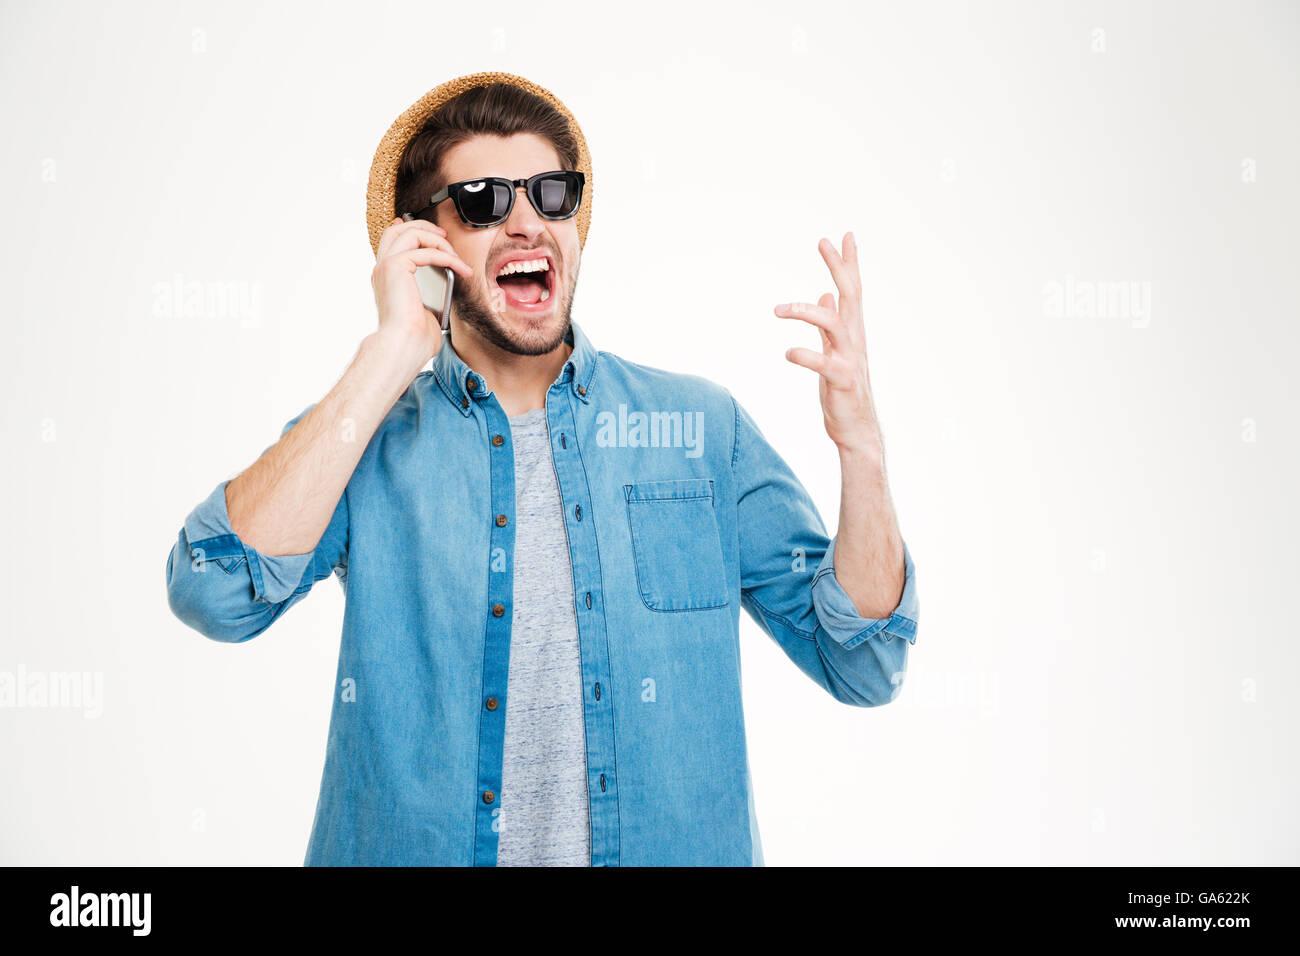 5f778e3f4c87cc Glücklich aufgeregt junger Mann in Hut und eine Sonnenbrille reden über  Handy auf weißem Hintergrund